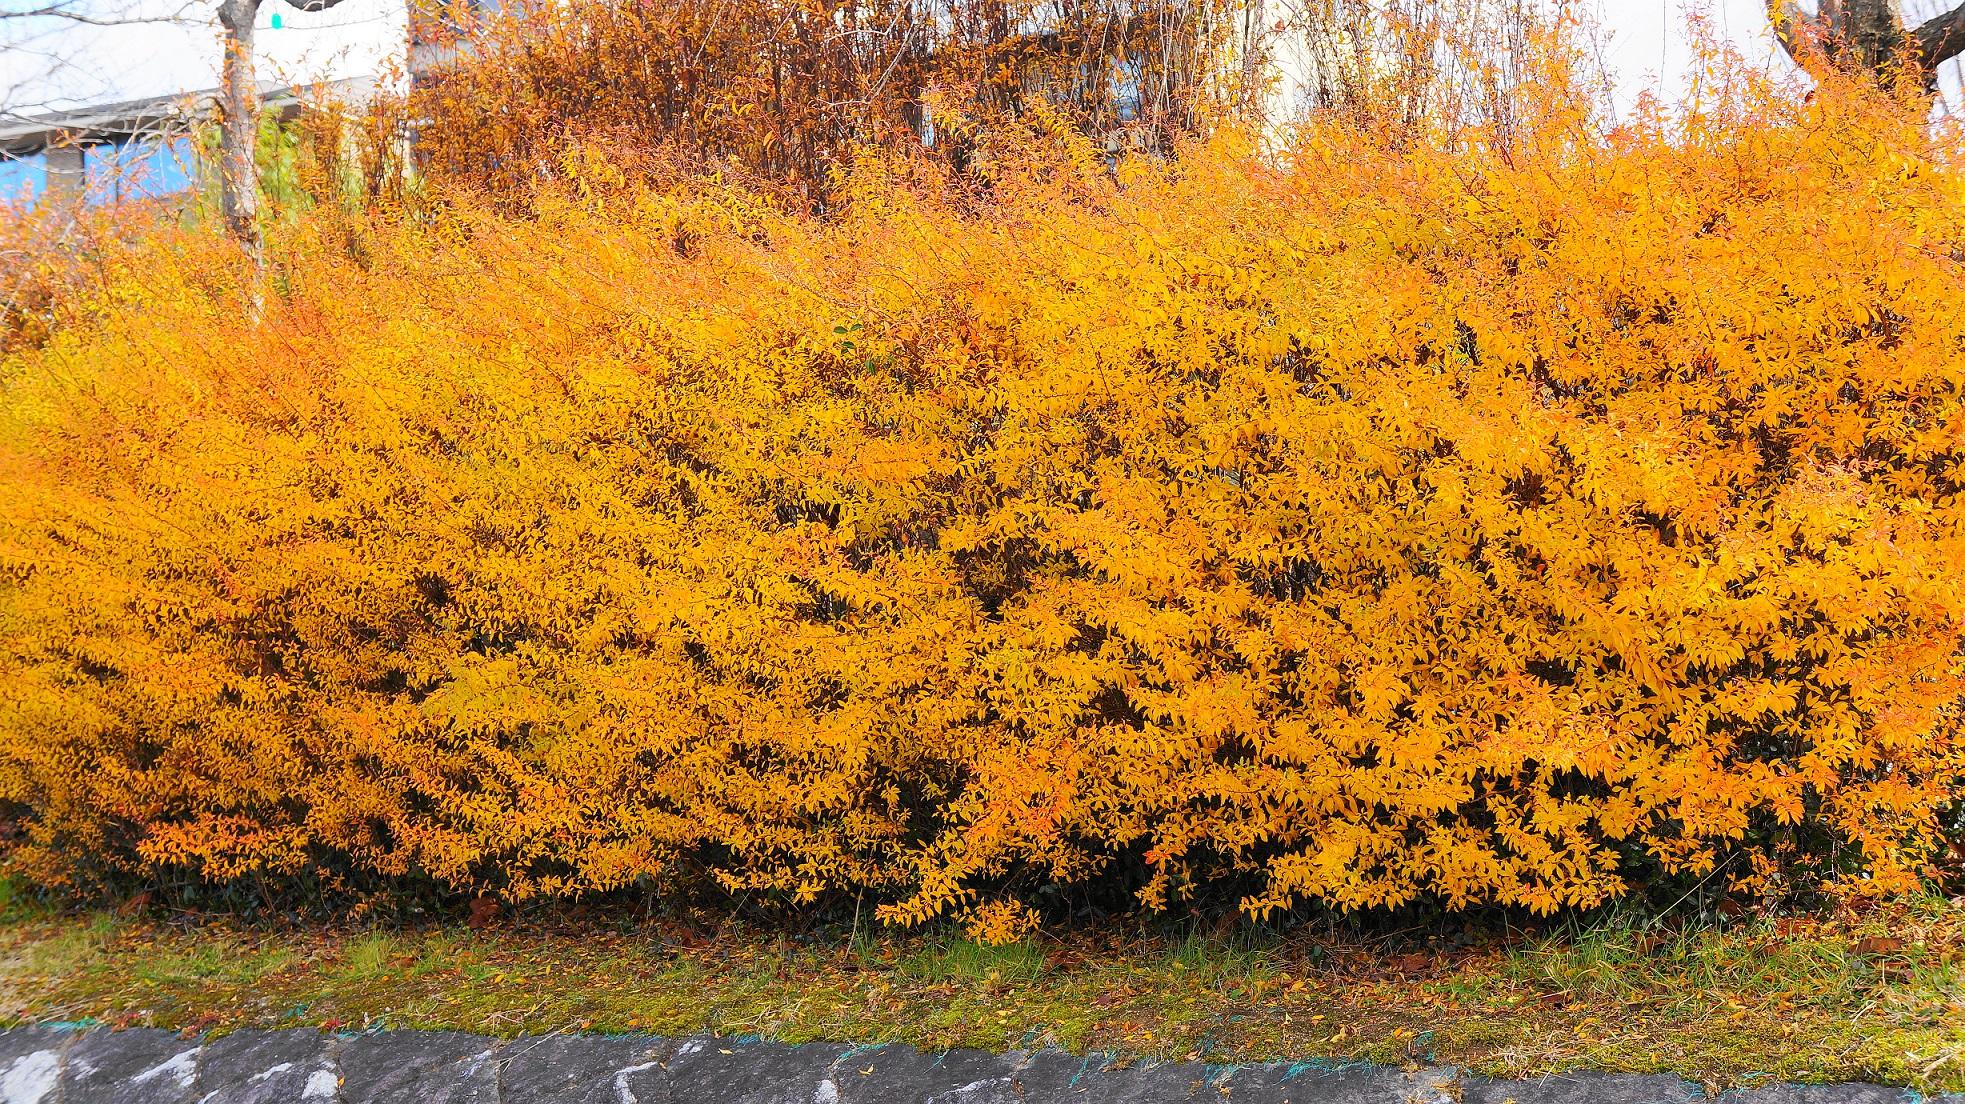 鴨川の雪柳のオレンジ色のあっぱれな紅葉